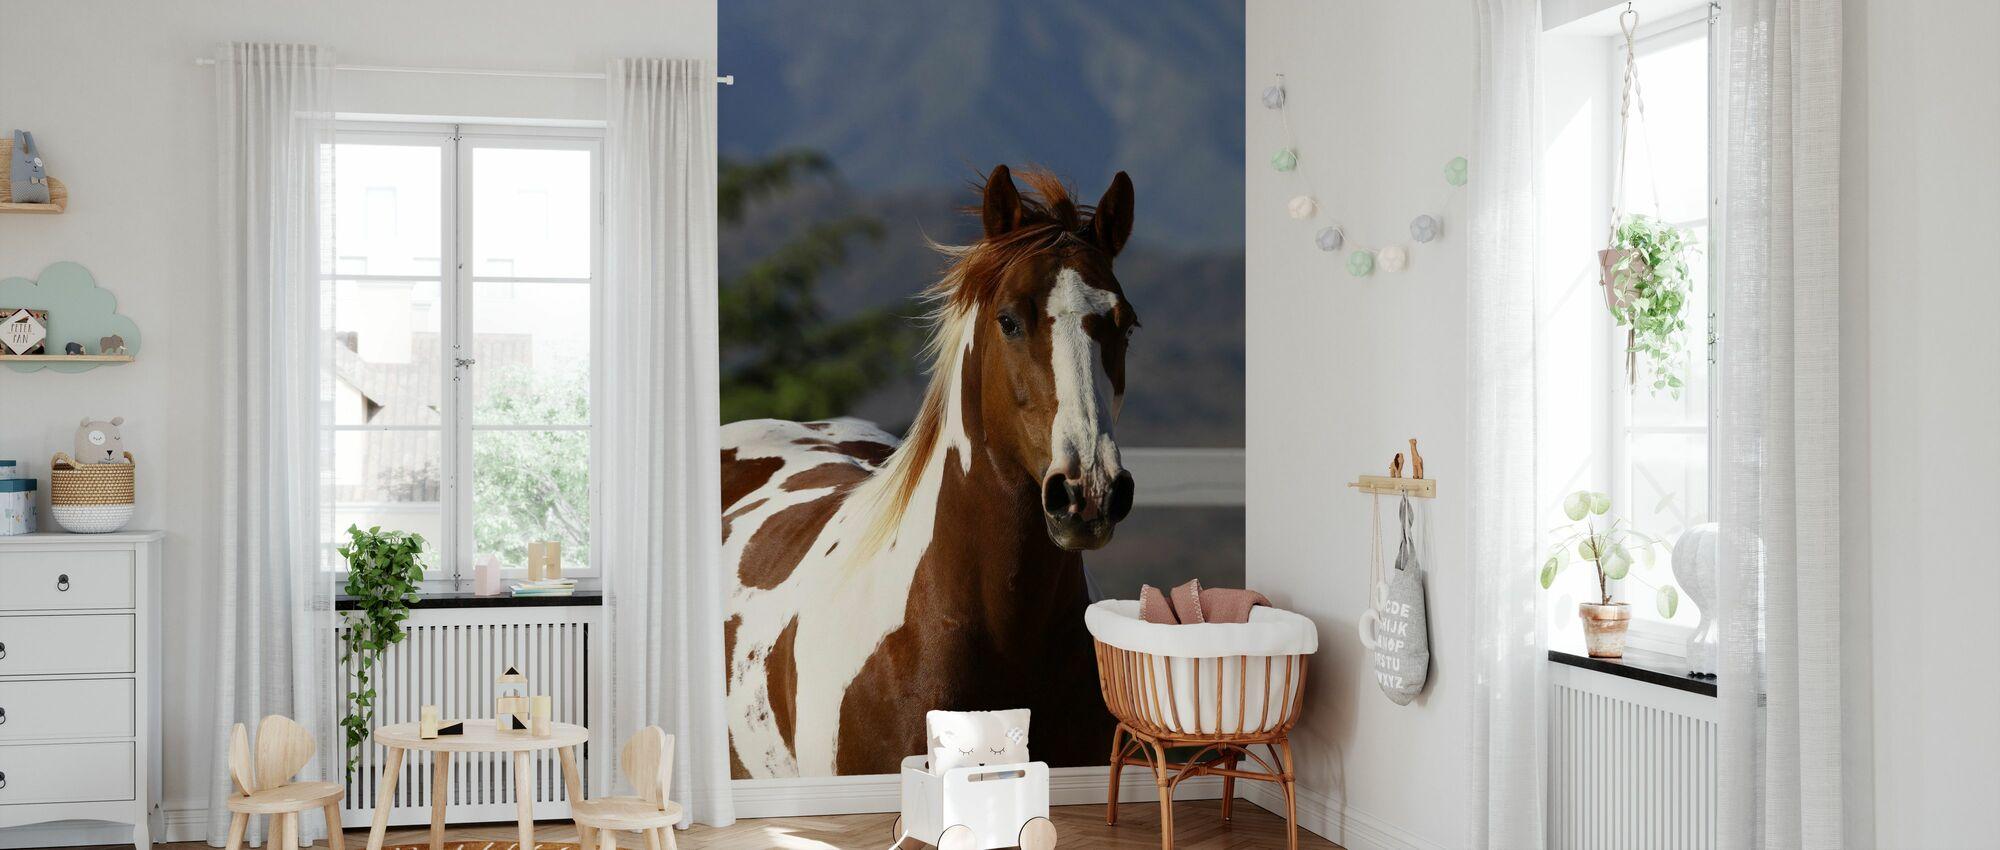 Quarter Horse Close Up I - Wallpaper - Nursery